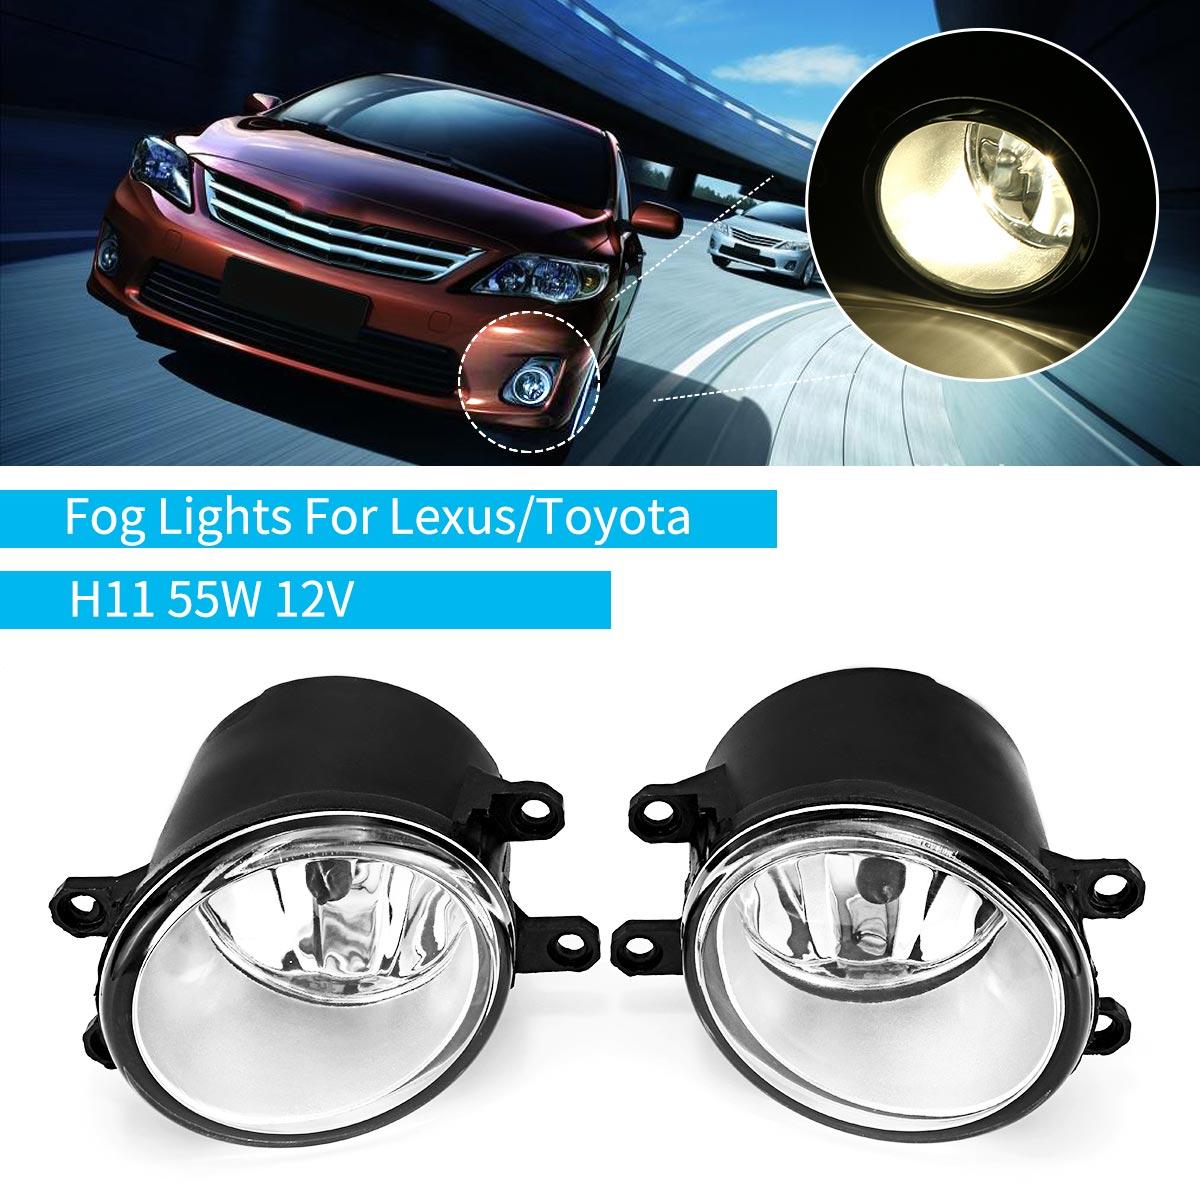 Für Toyota Corolla Yaris Camry 2007-2012 für Lexus RX450h CT200h 2008-2012 para 55 watt 12 v auto Front Nebel Lichter Lampe Mit H11 Lampen